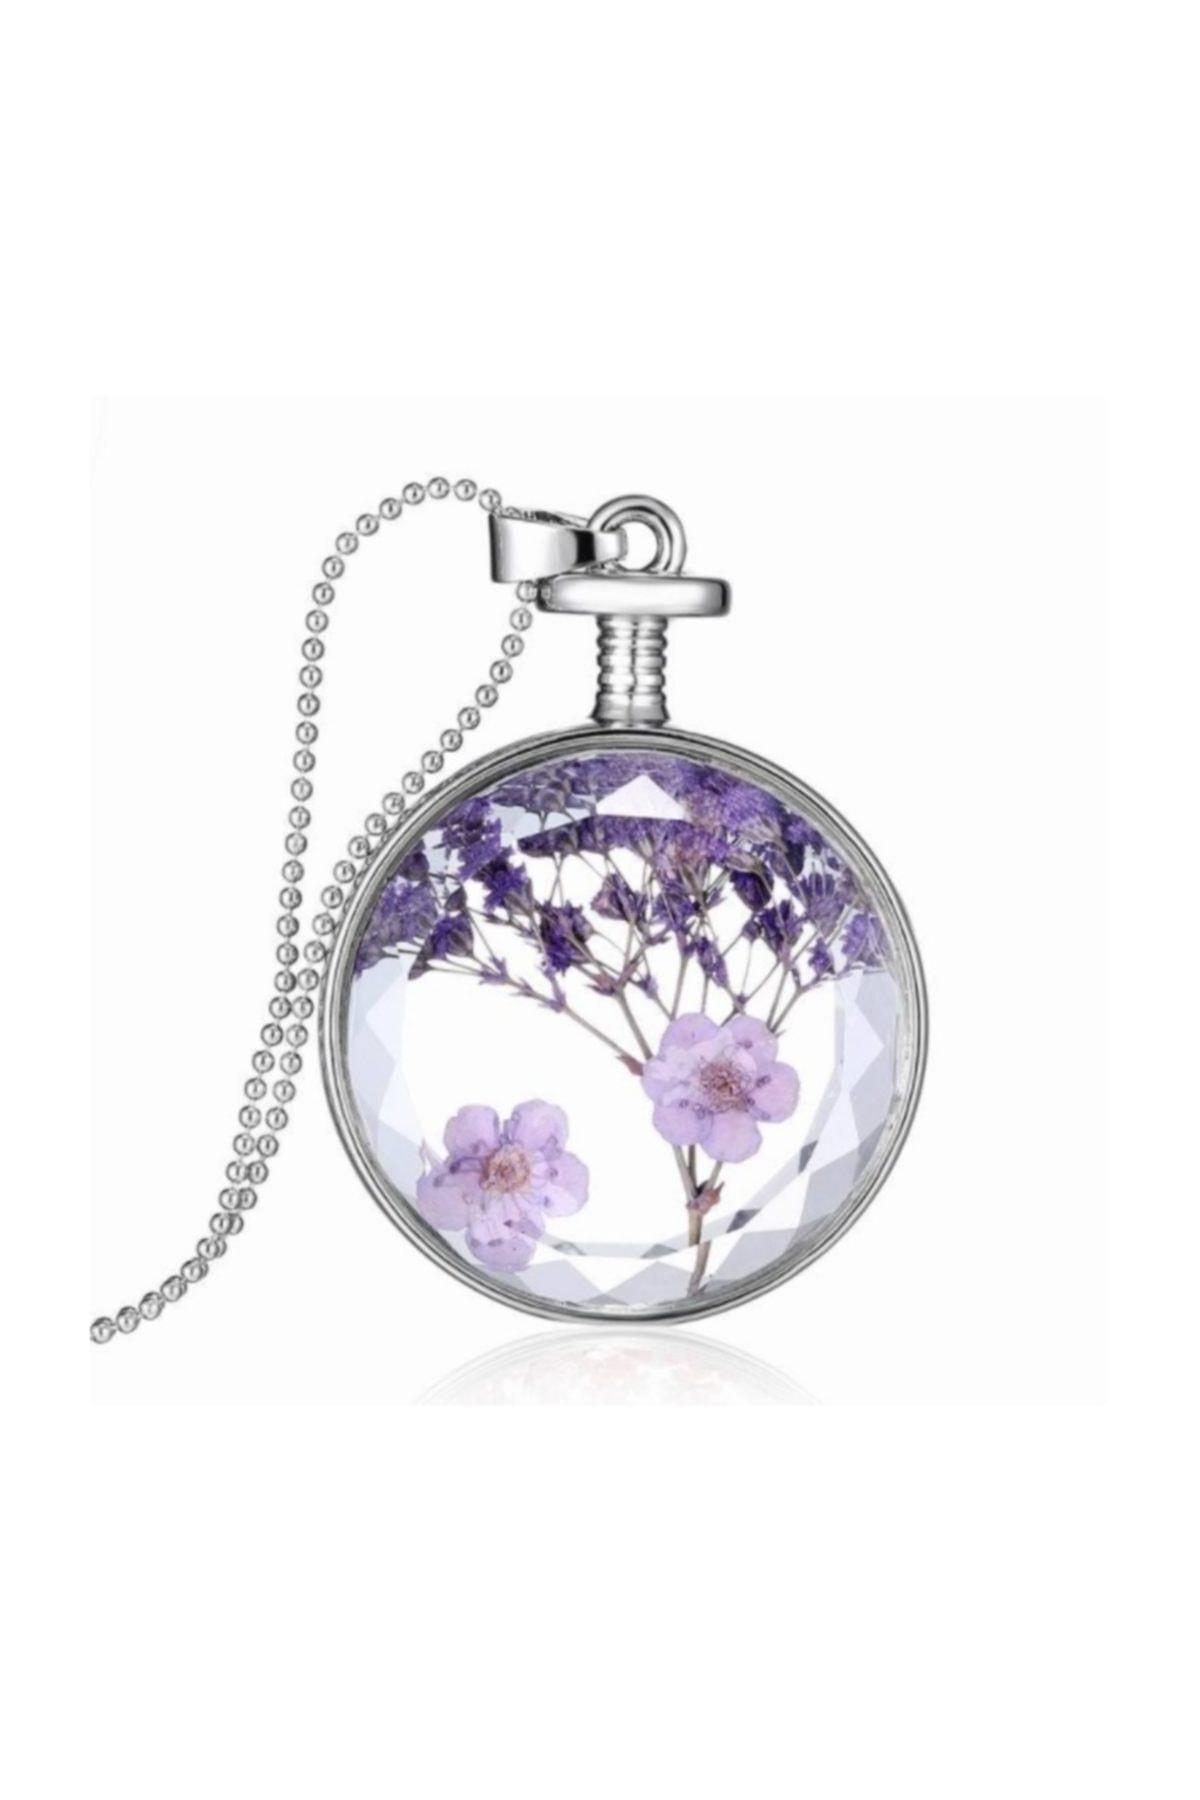 Chavin Yaşayan Kristal Cam Kurutulmuş Çiçek Kolye dr36 1